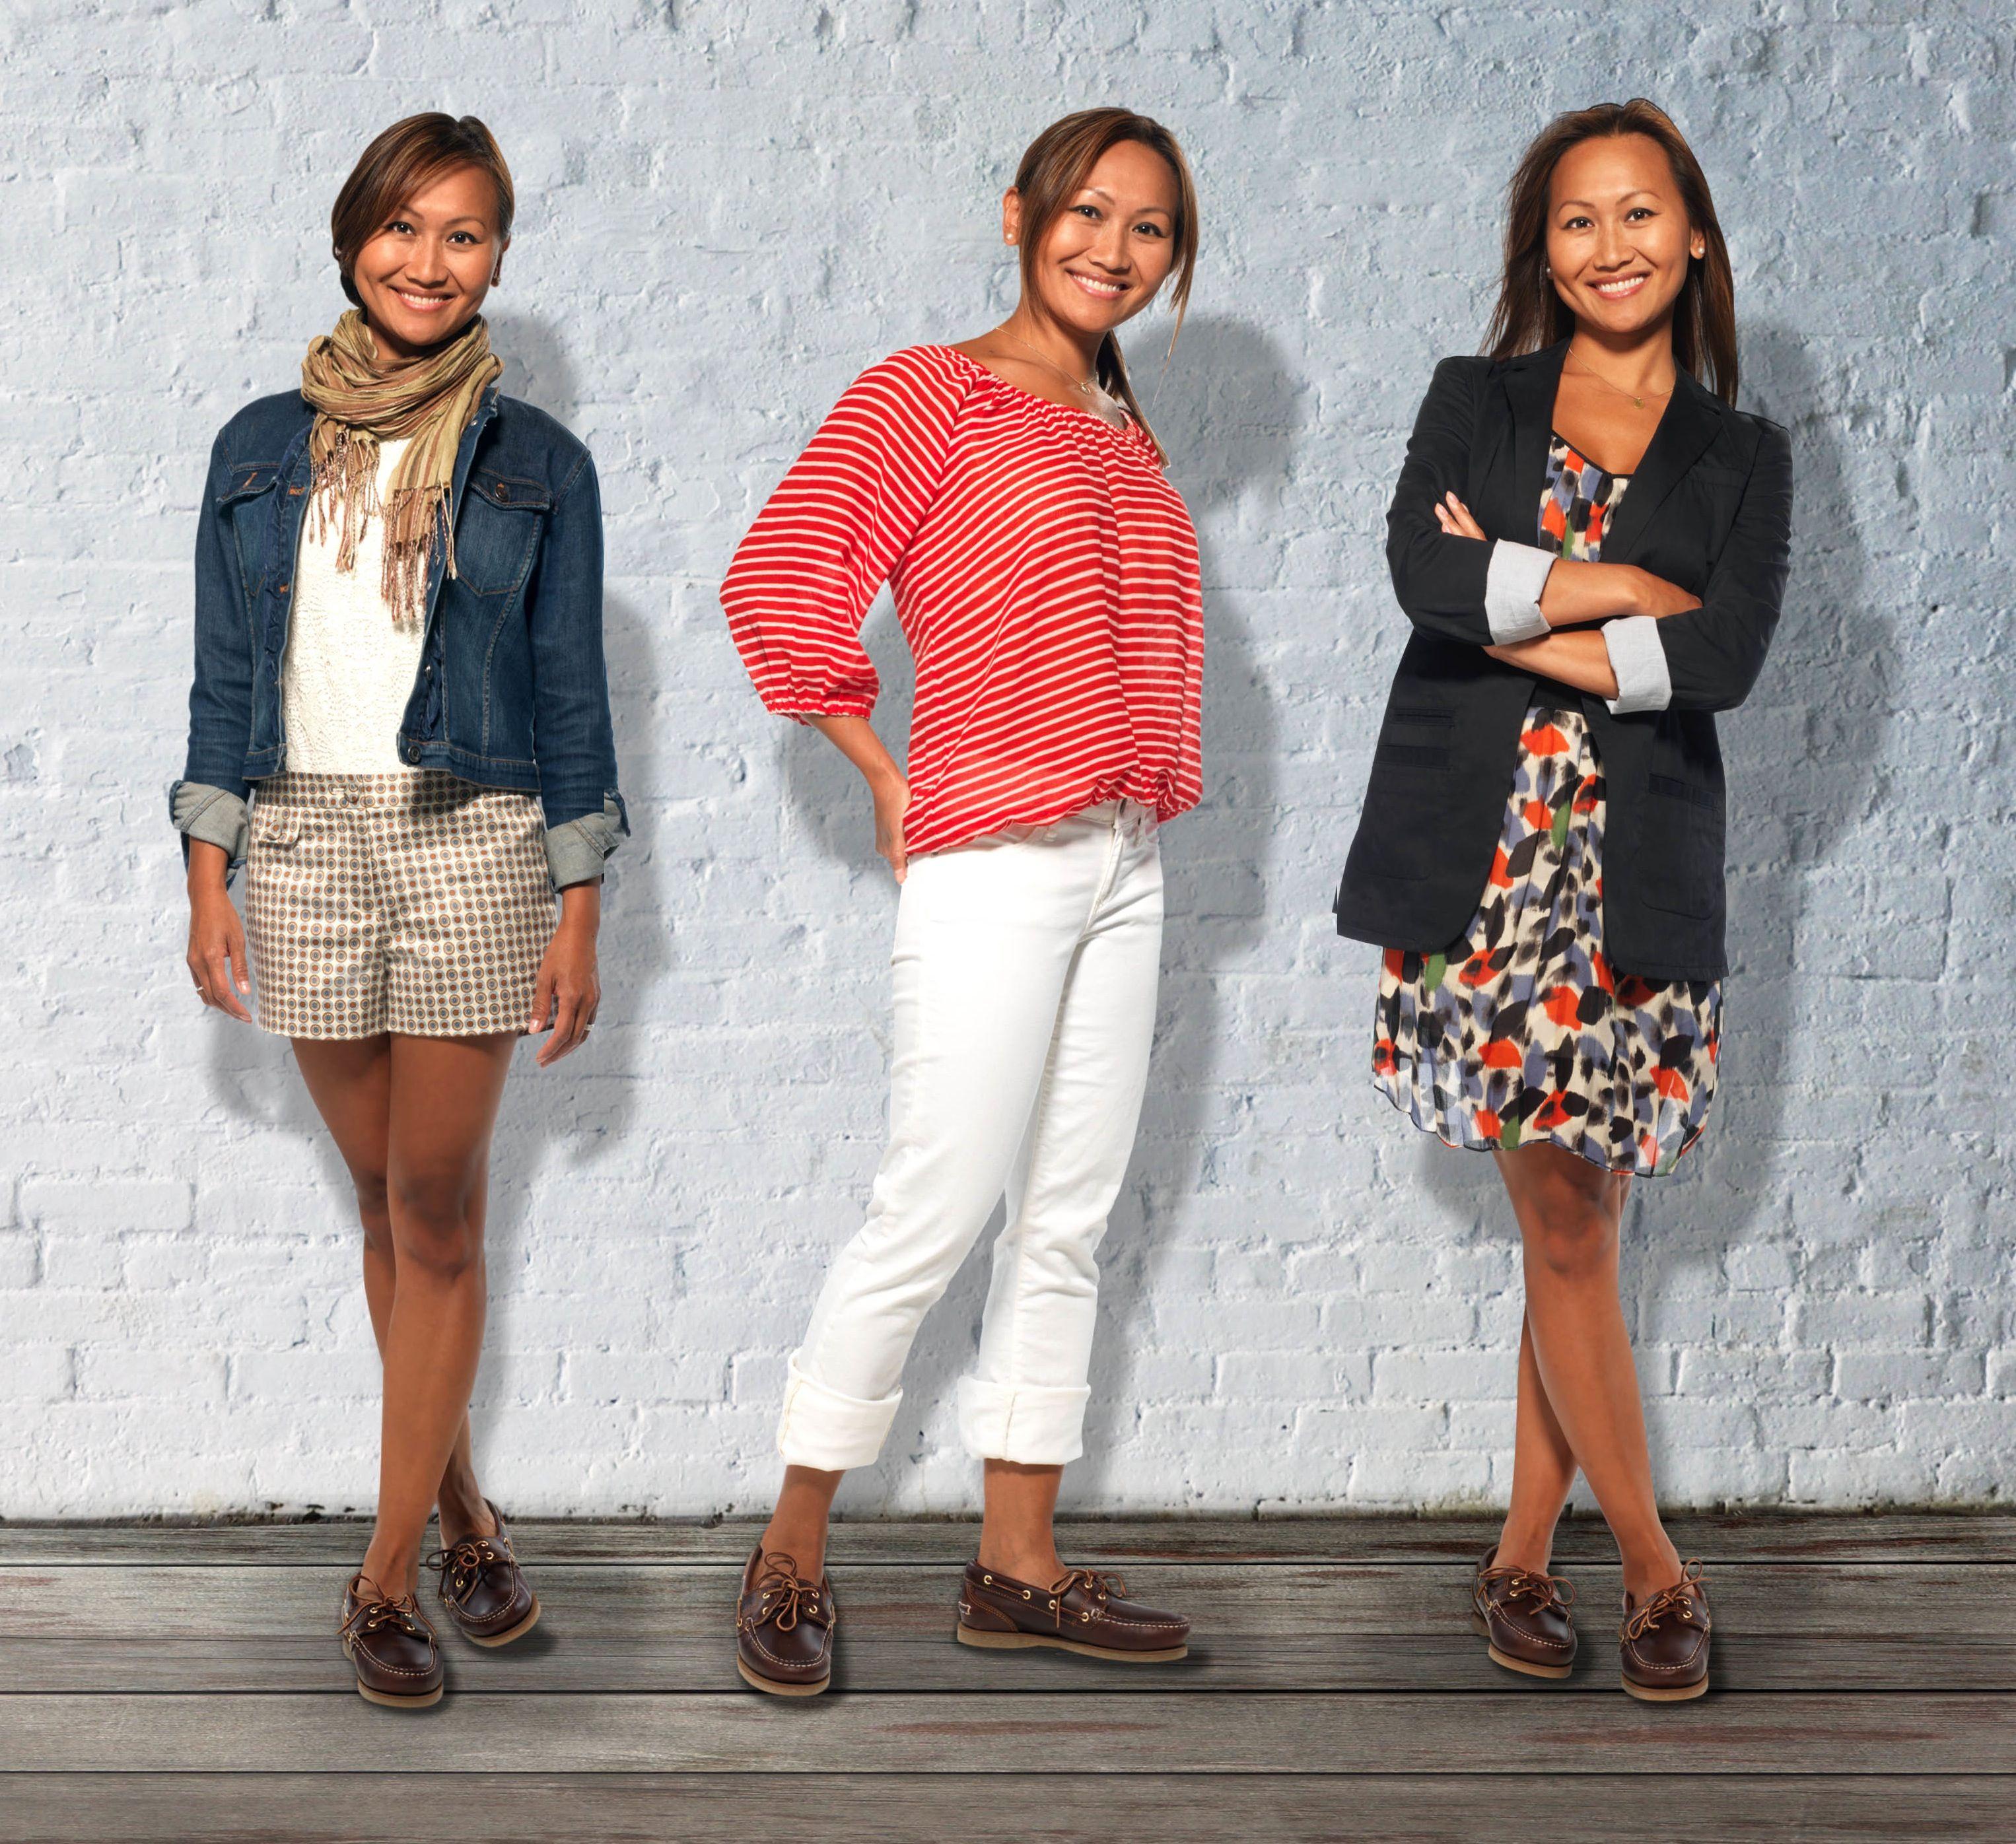 kaufen Wählen Sie für späteste große Auswahl One boat shoe, 3 outfits - at the office, a backyard BBQ or ...